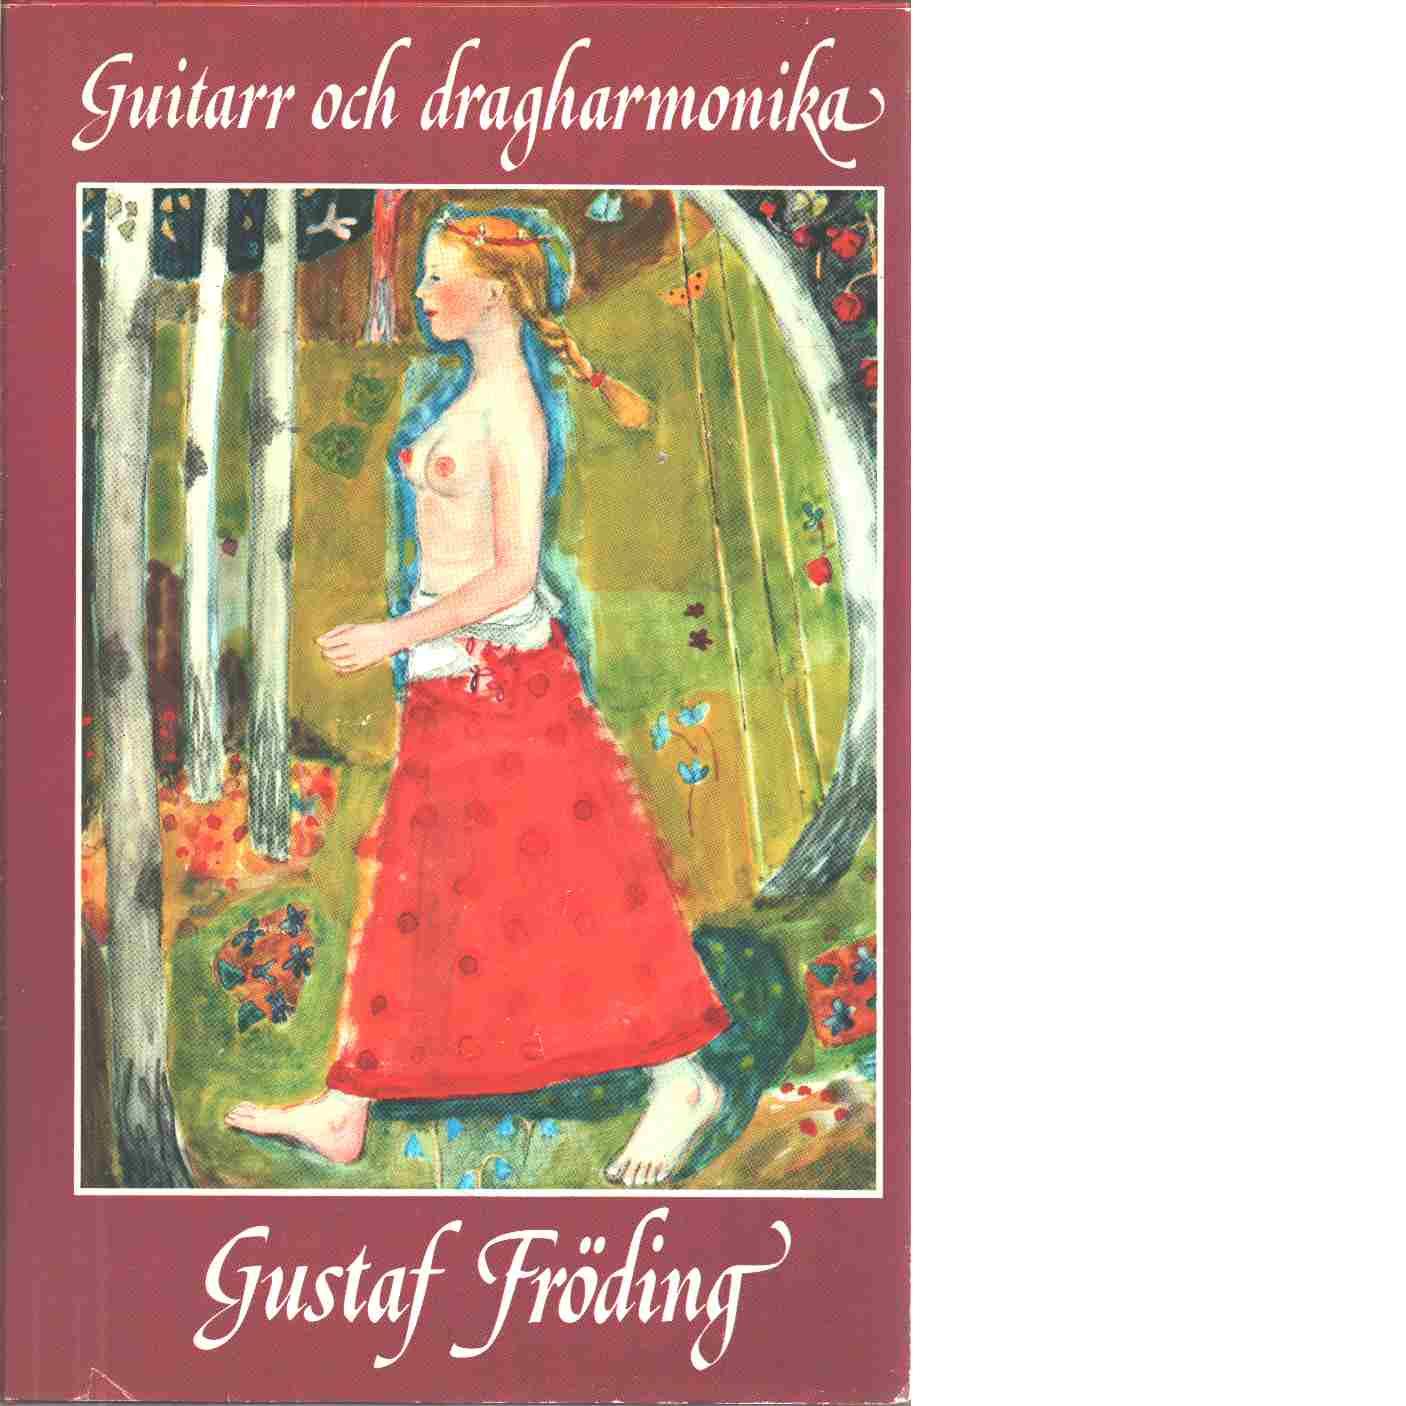 Guitarr och dragharmonika : mixtum pictum på vers - Fröding, Gustaf